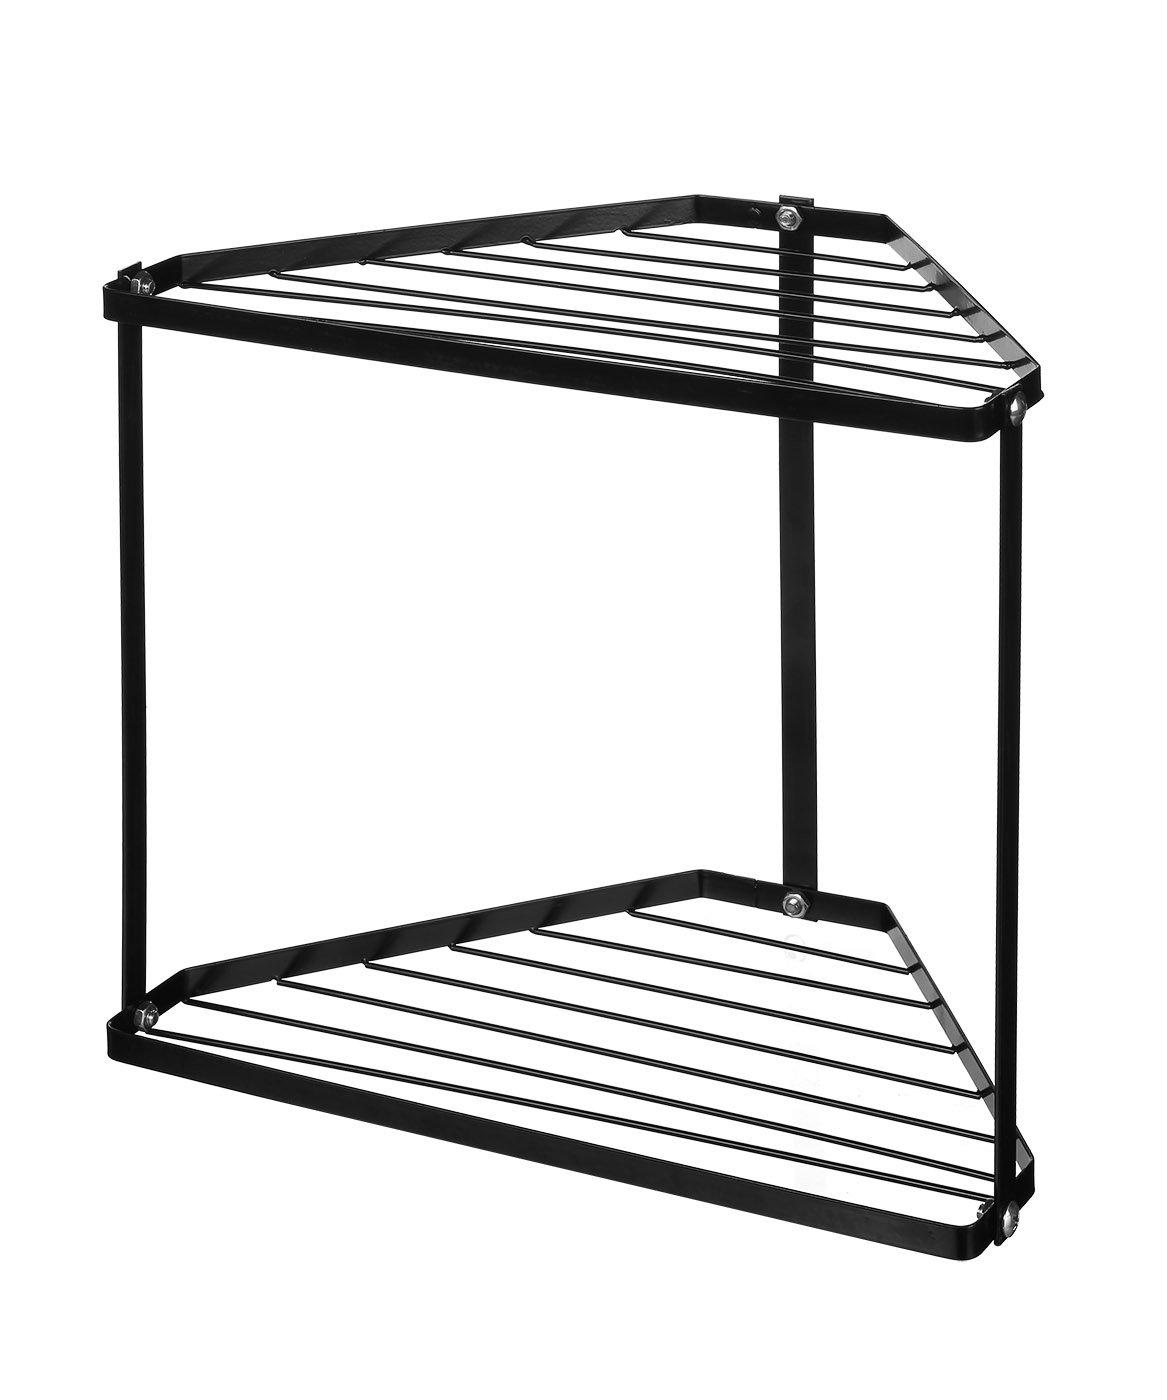 NEUN WELTEN 2 Tier Corner Storage Shelf Free Standing Kitchen Counter Organizer 12.8'' x 8.8'' x 11.8'' (Black)